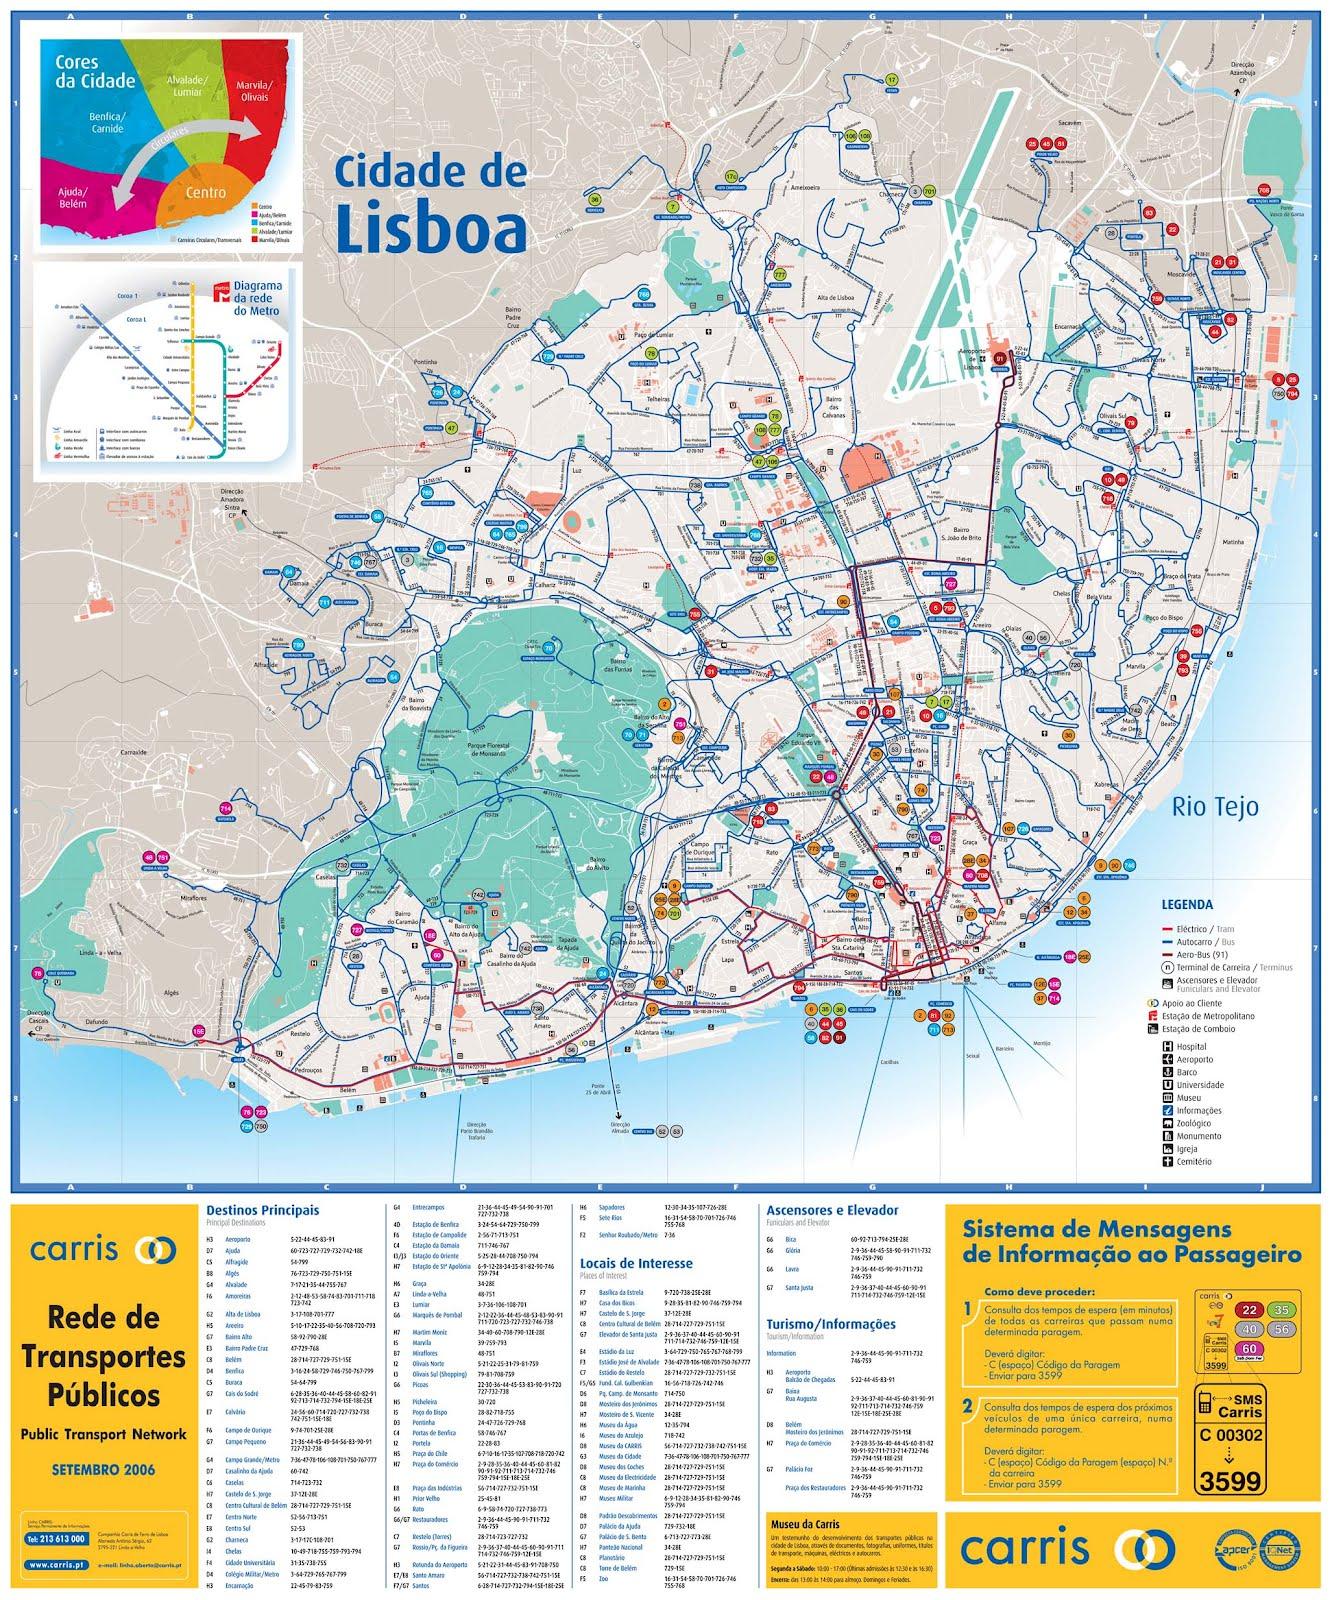 mapa cidade de lisboa portugal Mapas de Lisboa   Portugal | MapasBlog mapa cidade de lisboa portugal